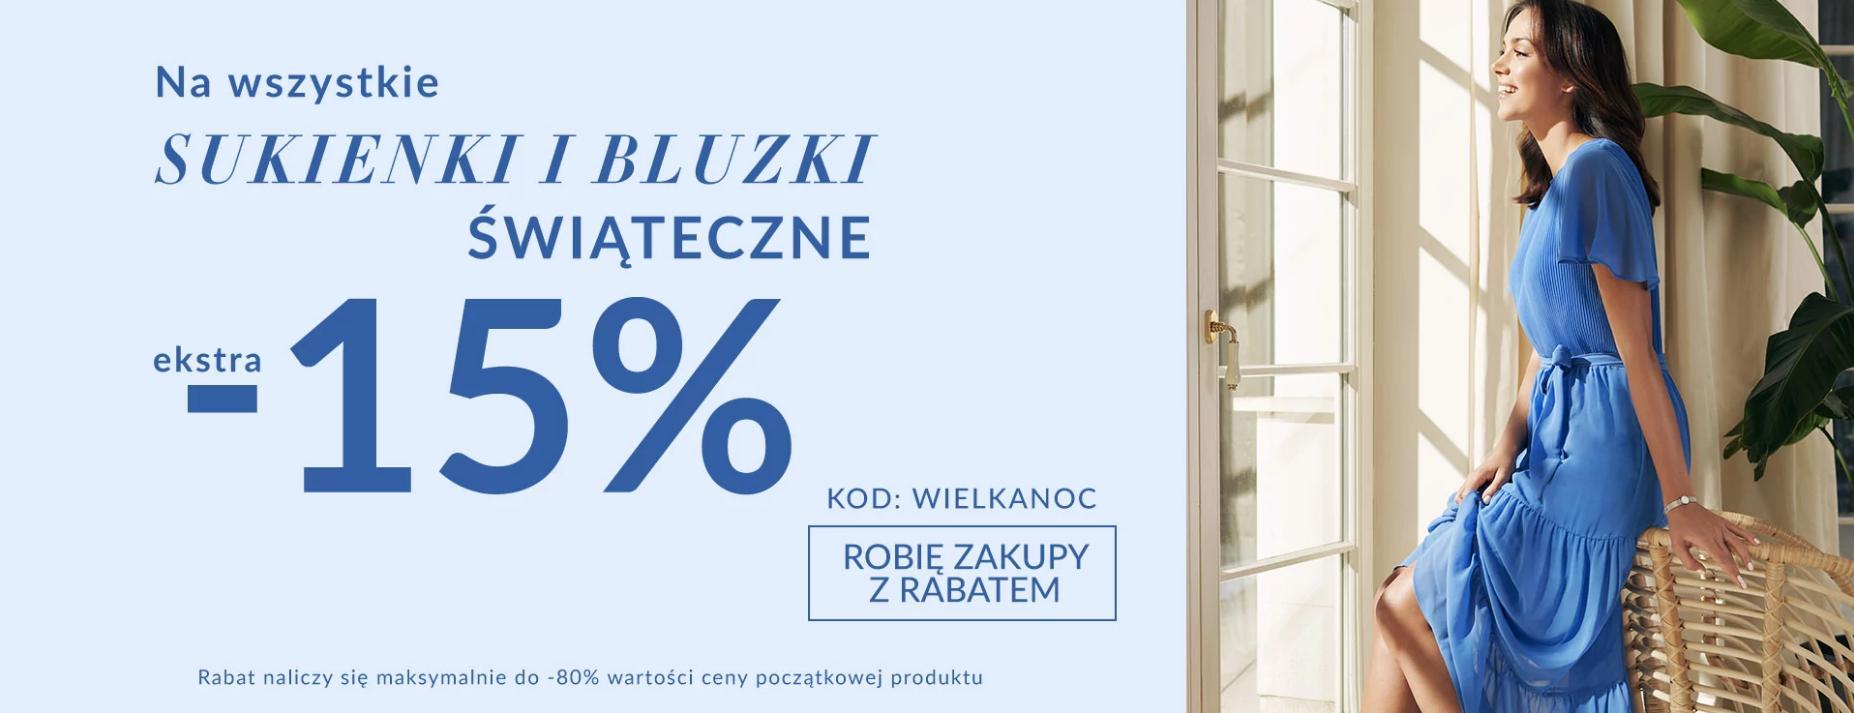 Quiosque Quiosque: dodatkowe 15% zniżki na wszystkie sukienki i bluzki